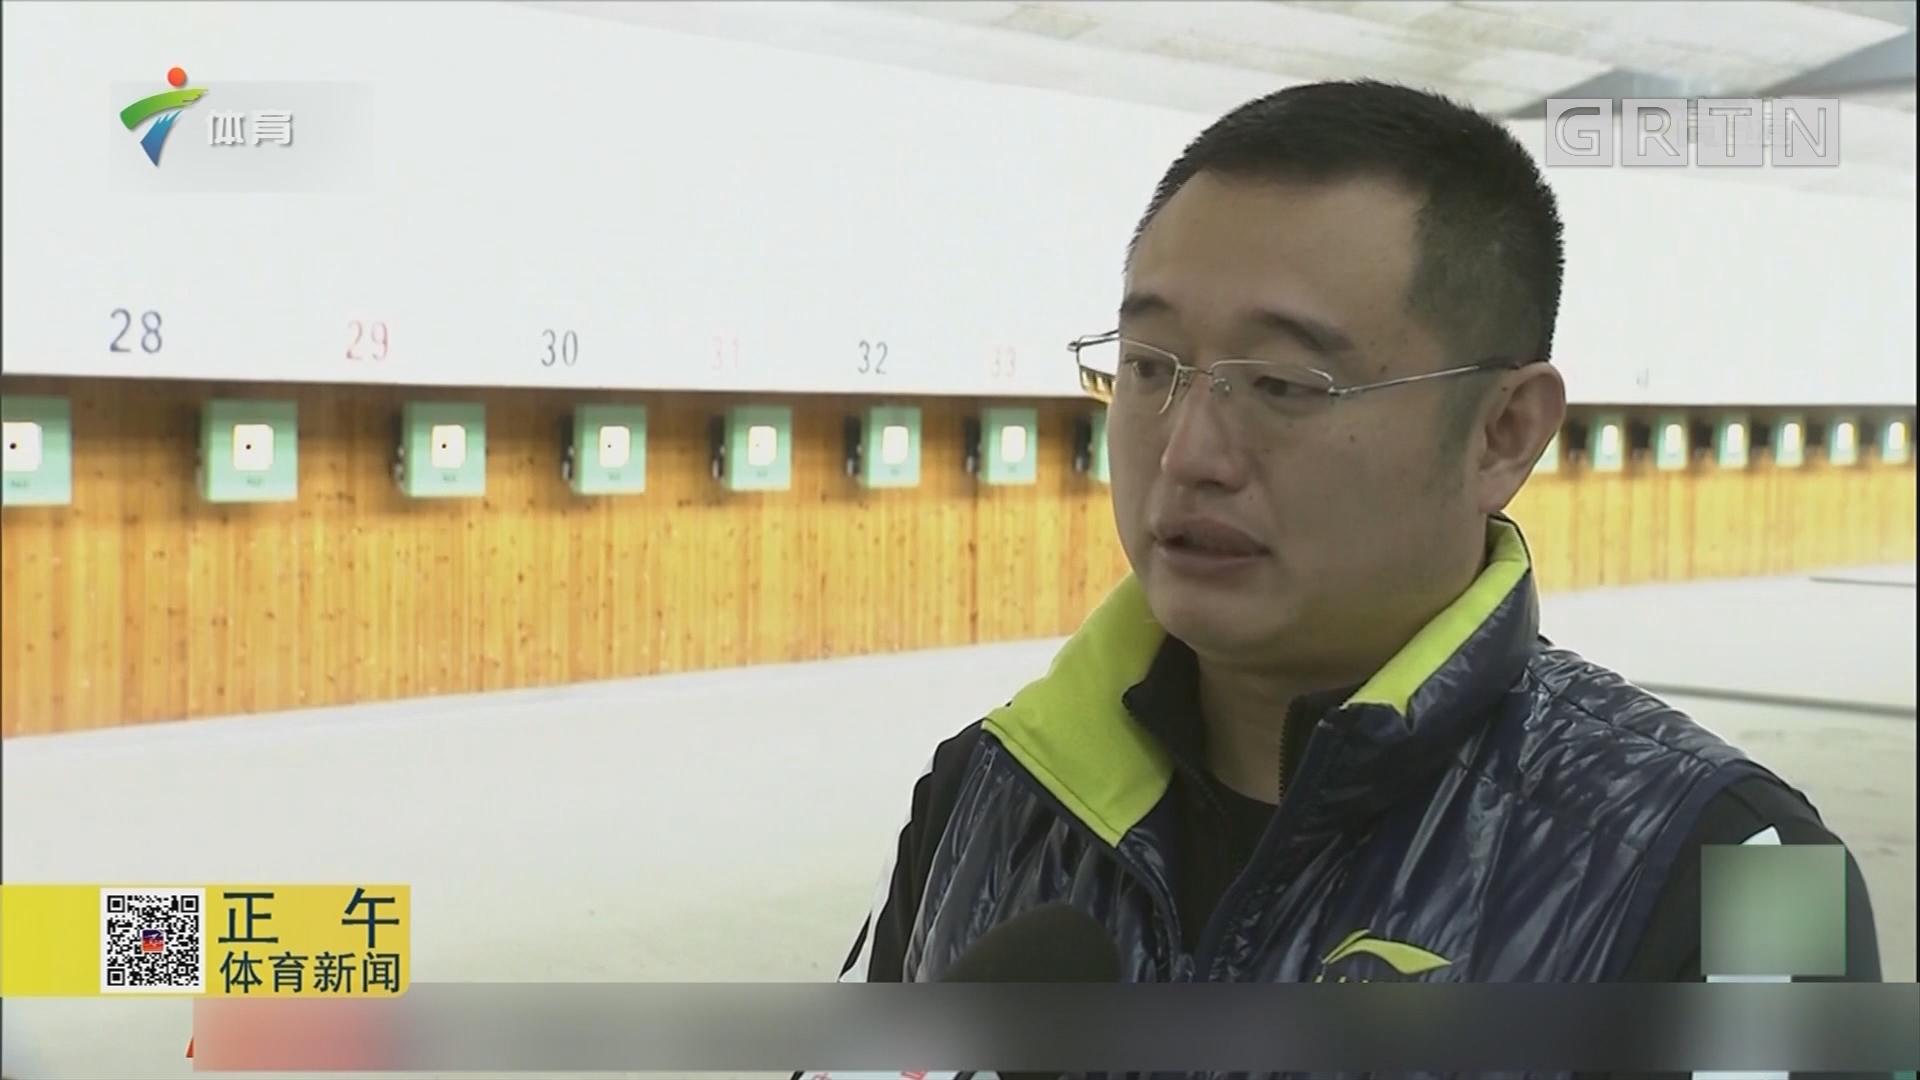 谭宗亮准备重返射击国家队